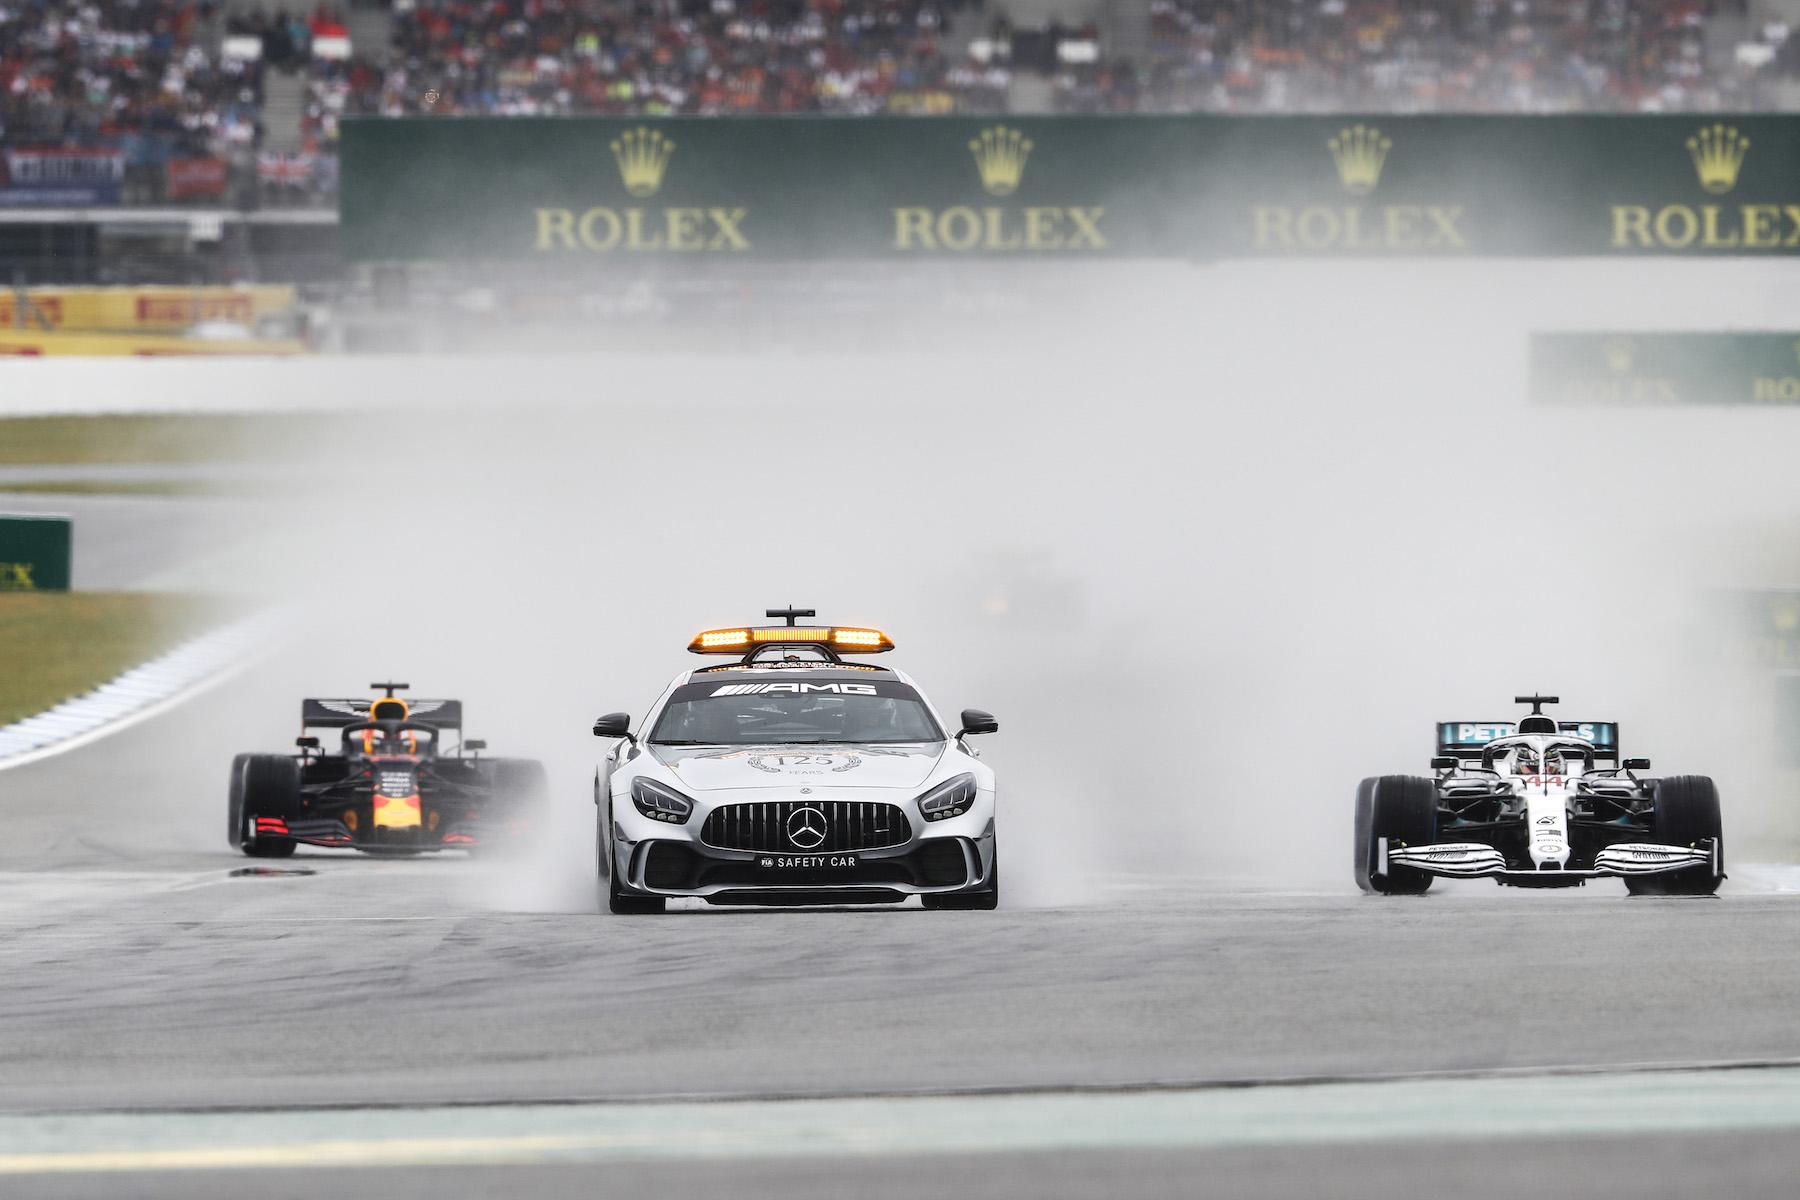 5 2019 German GP Sunday 14.jpg